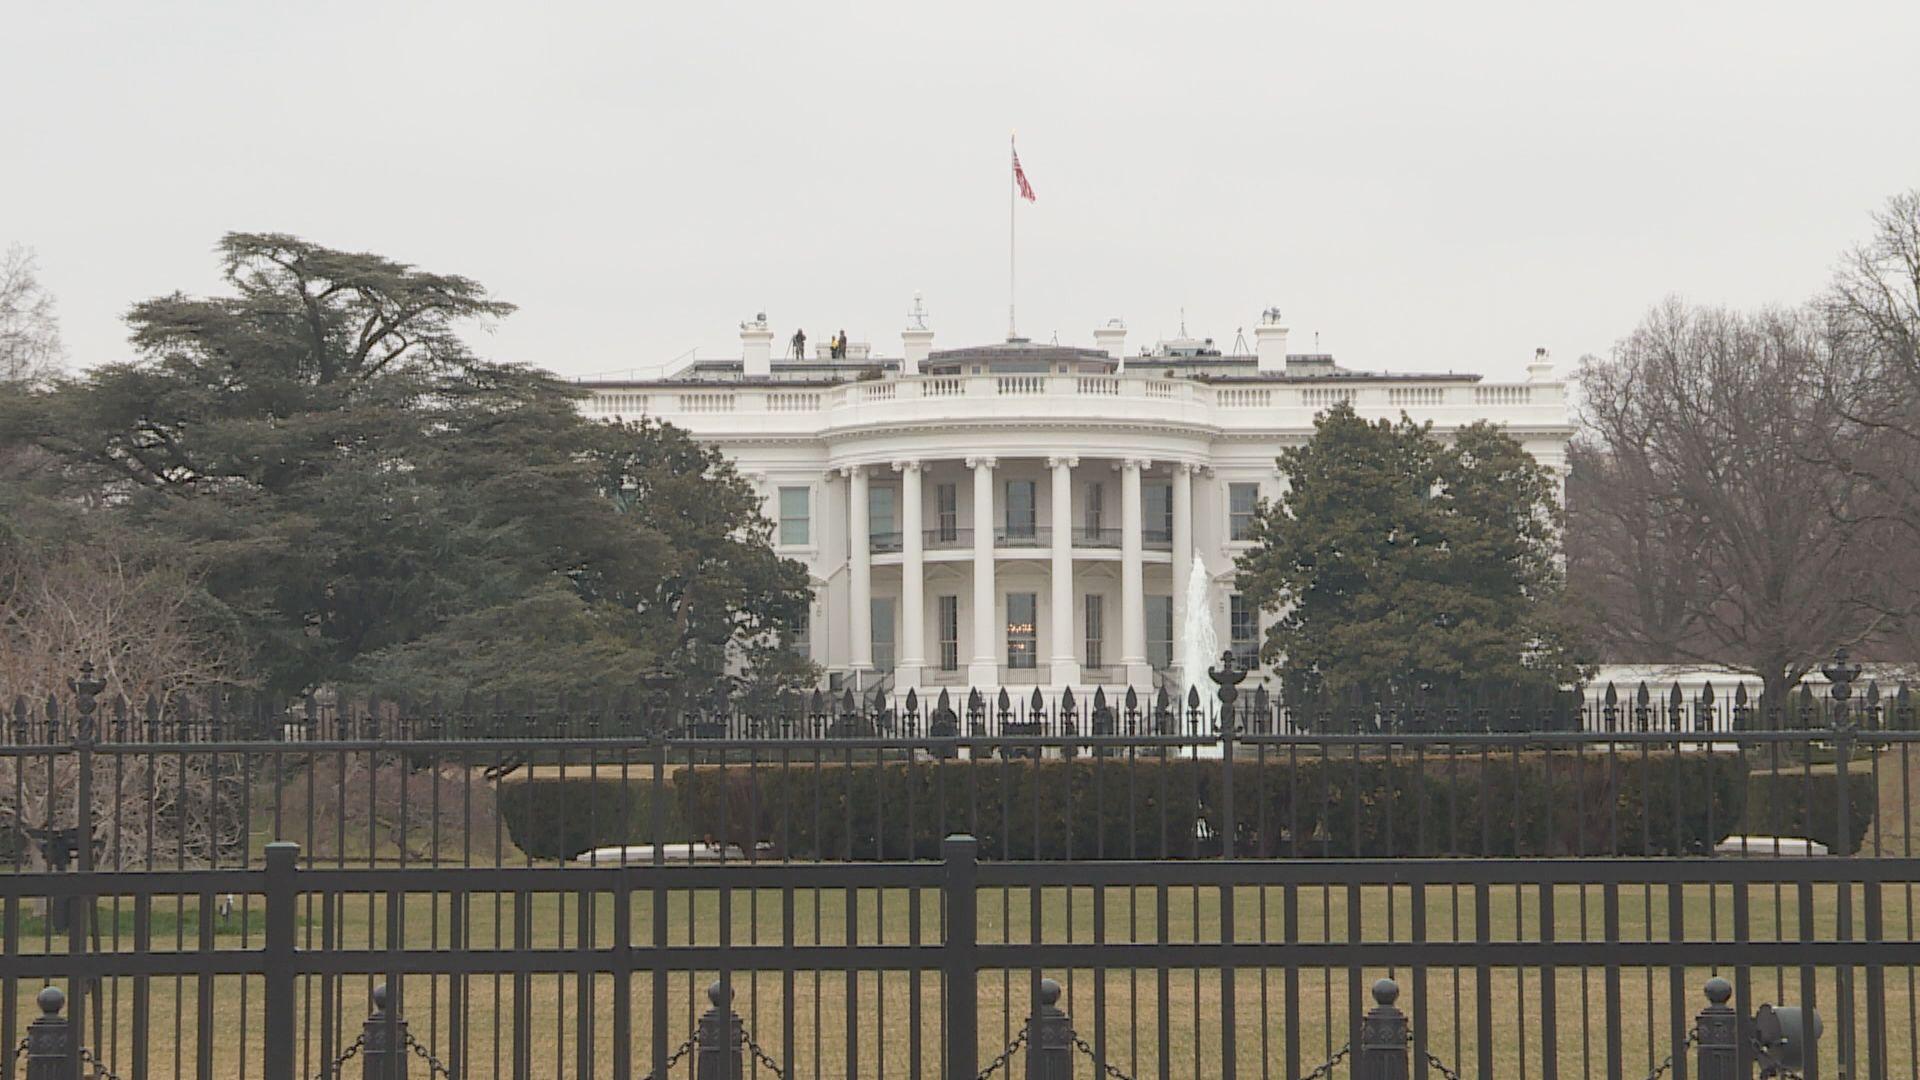 白宮指特朗普入院只是預防措施 會繼續履行職務